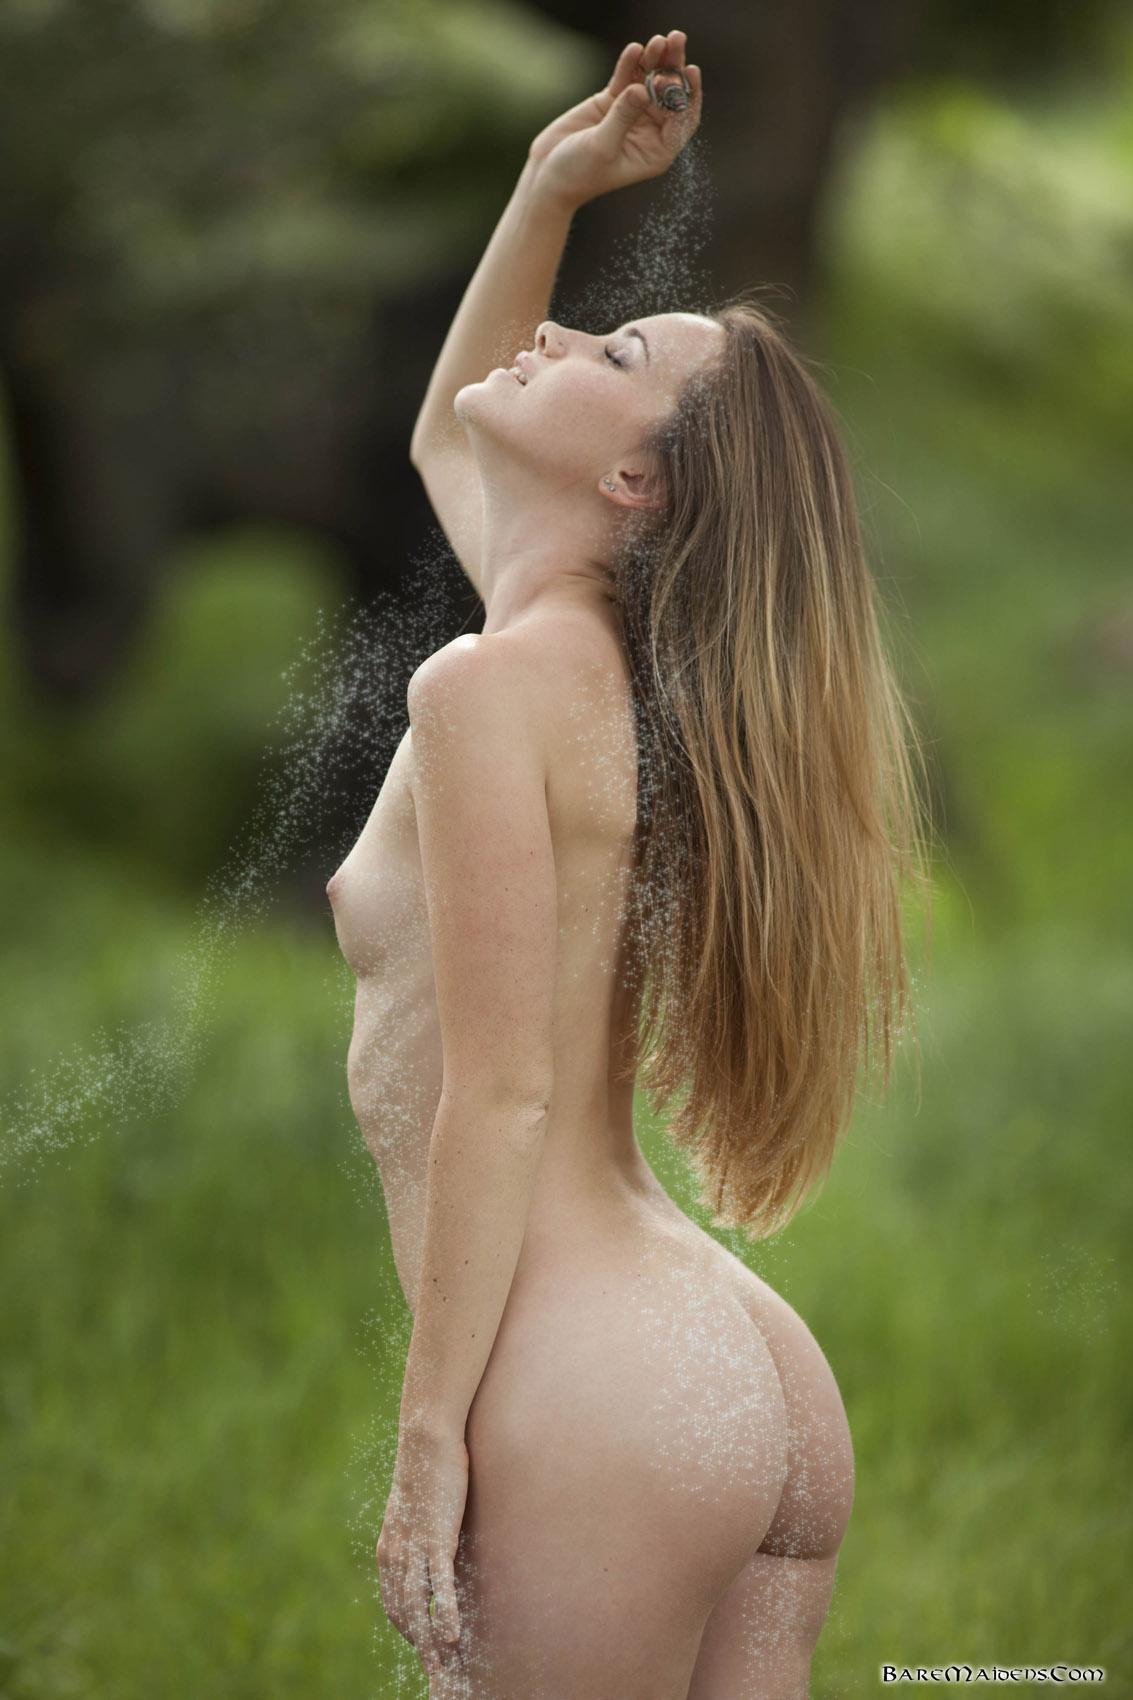 Forest naked girl-9163